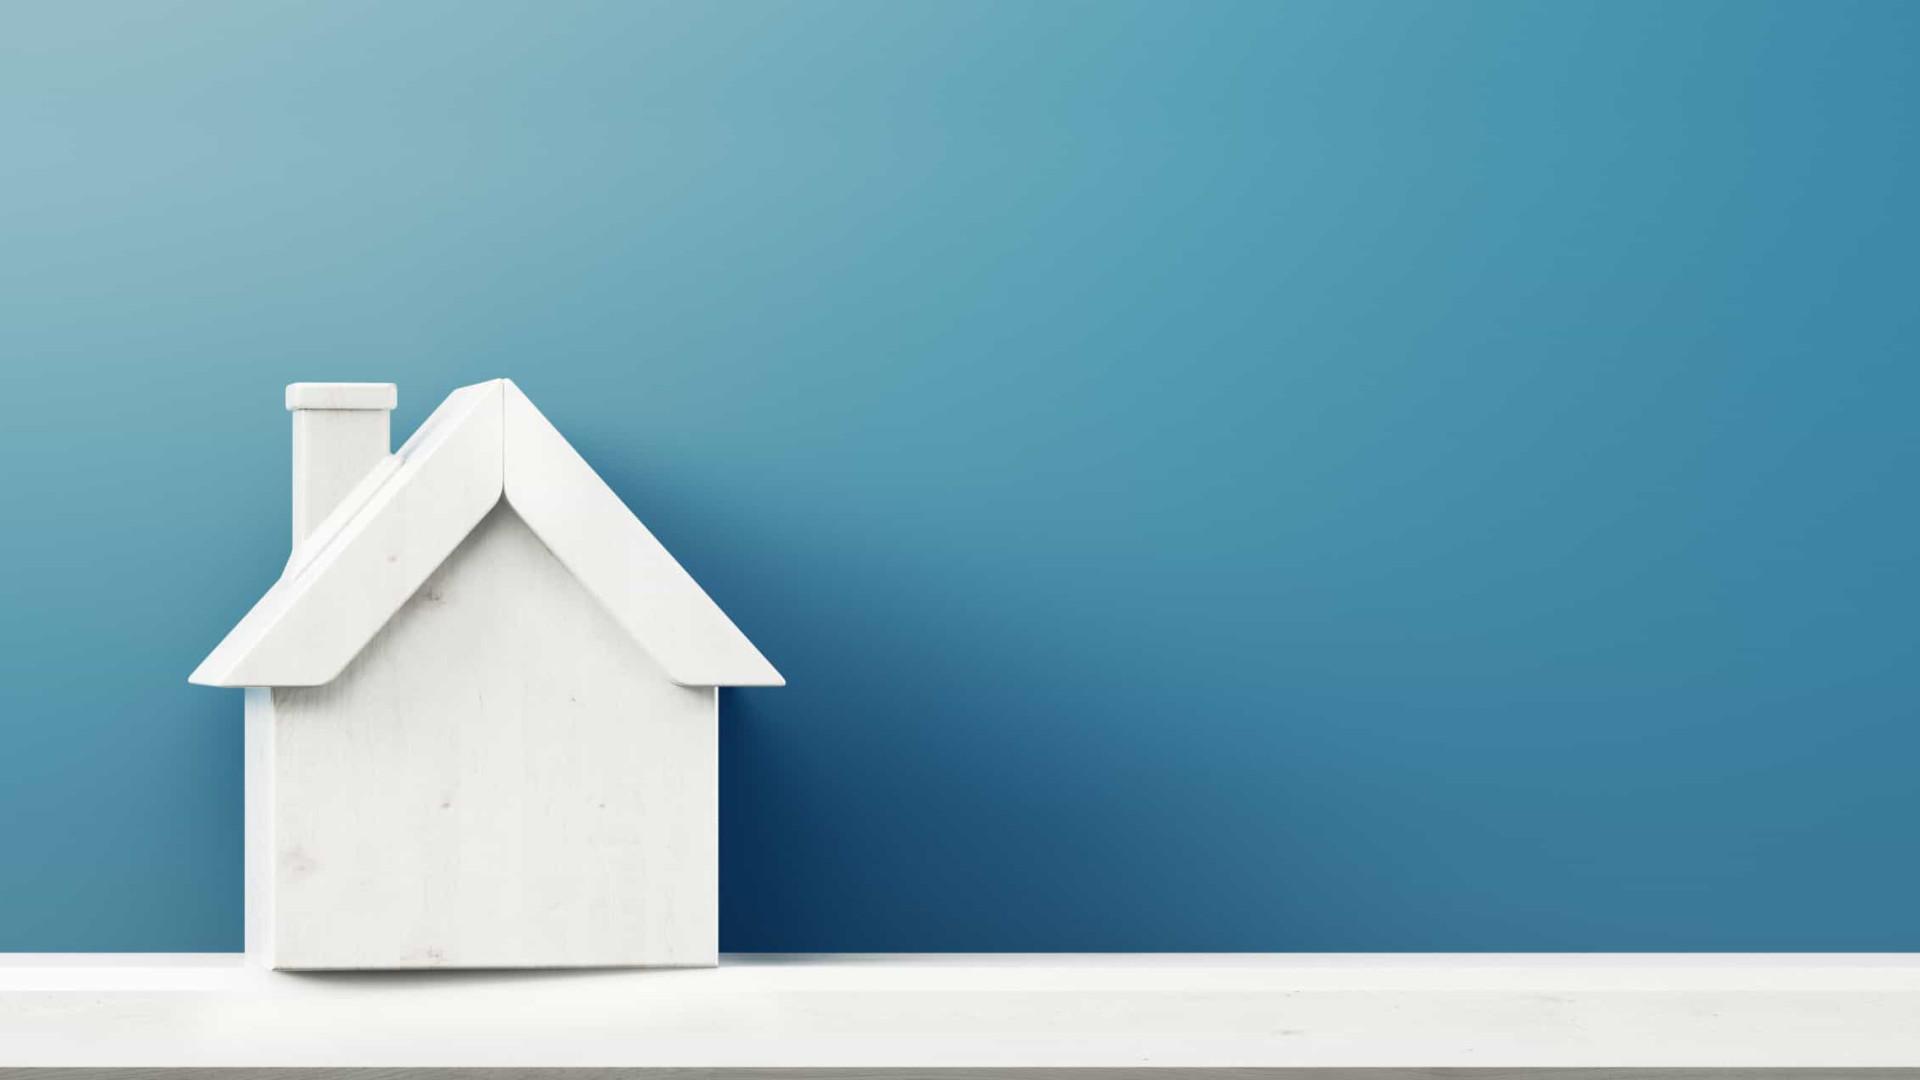 Investimento imobiliário comercial atingiu 500 milhões de euros em julho